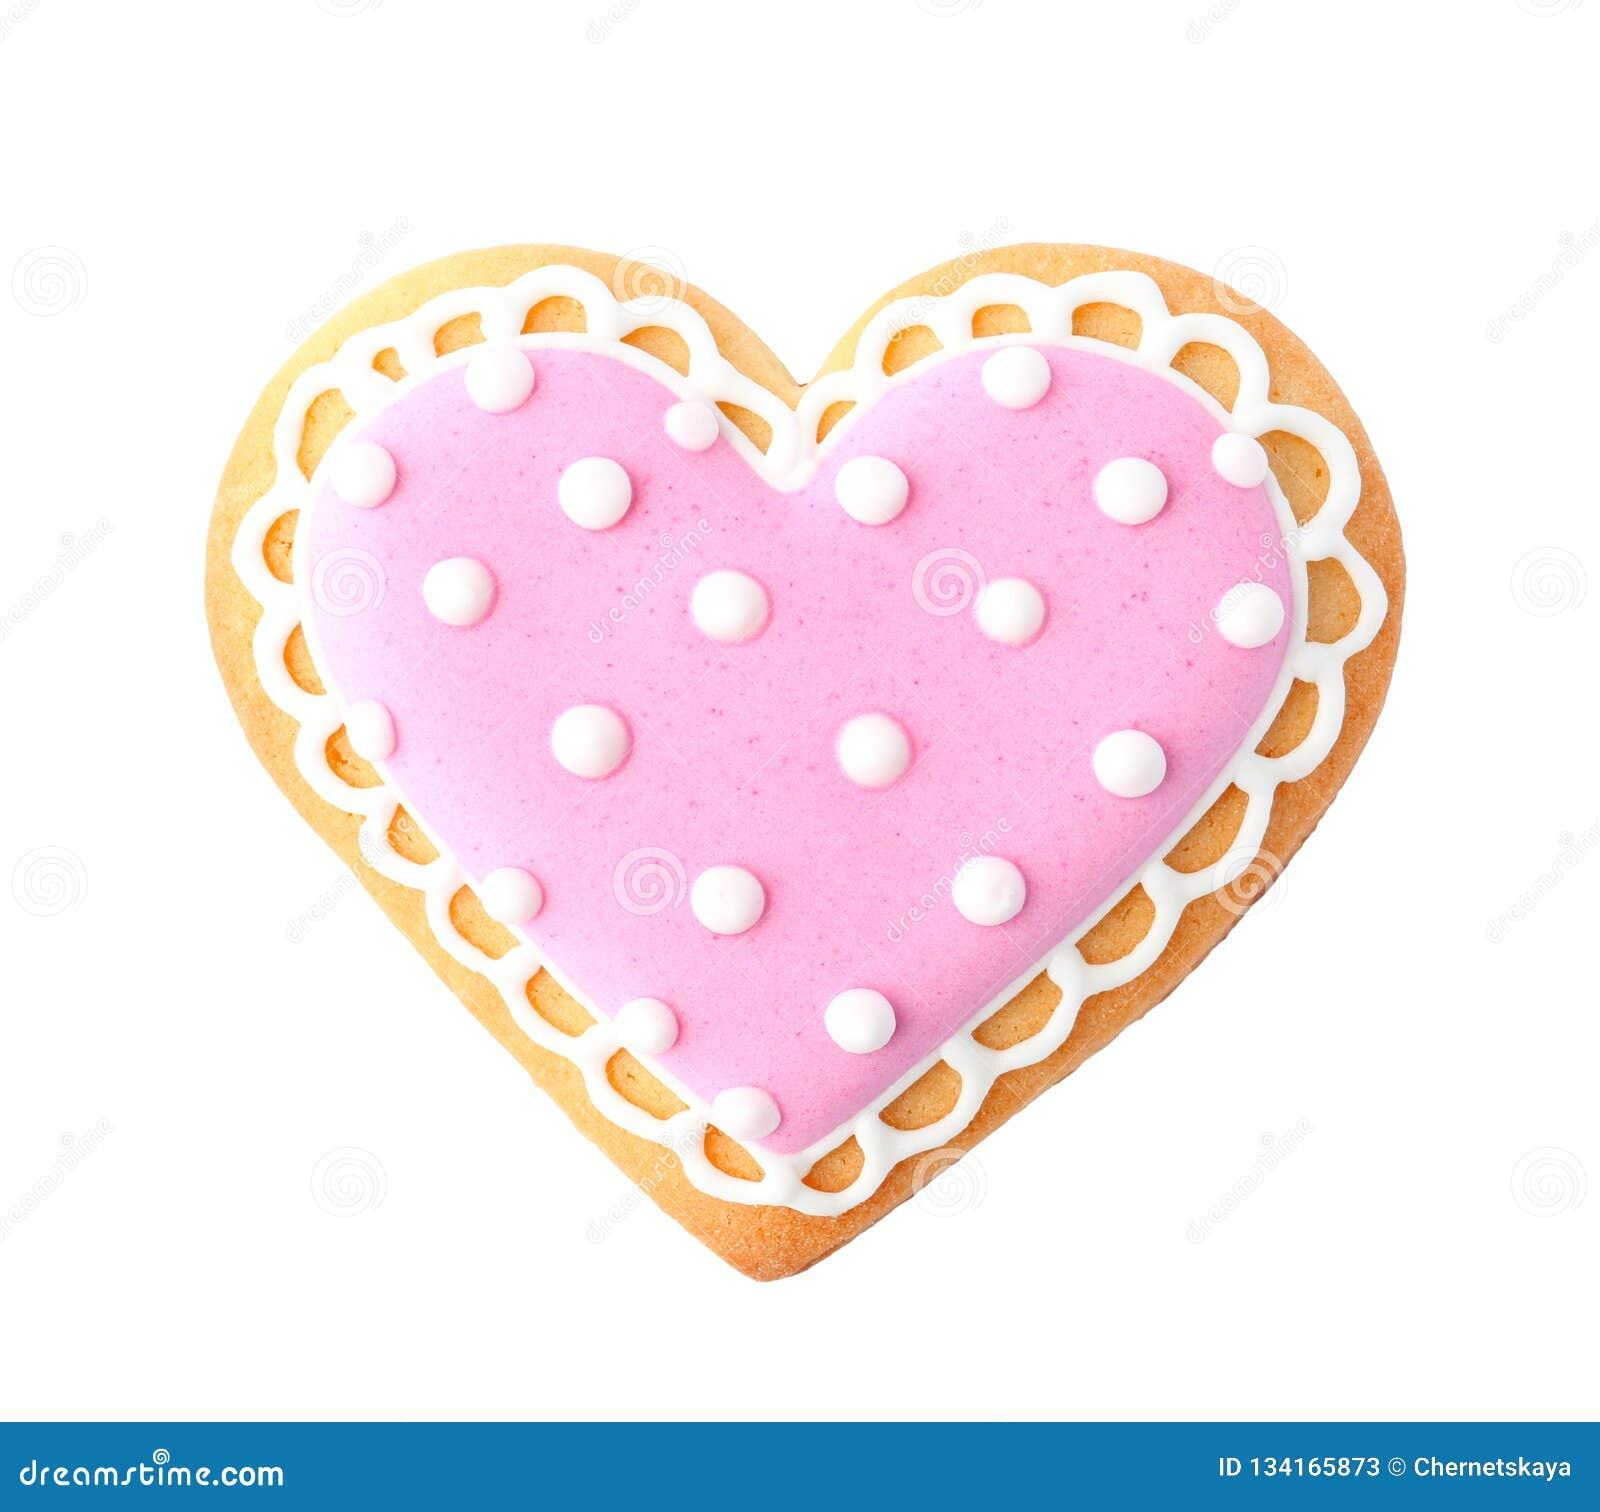 Verfraaid hart gevormd koekje op witte achtergrond